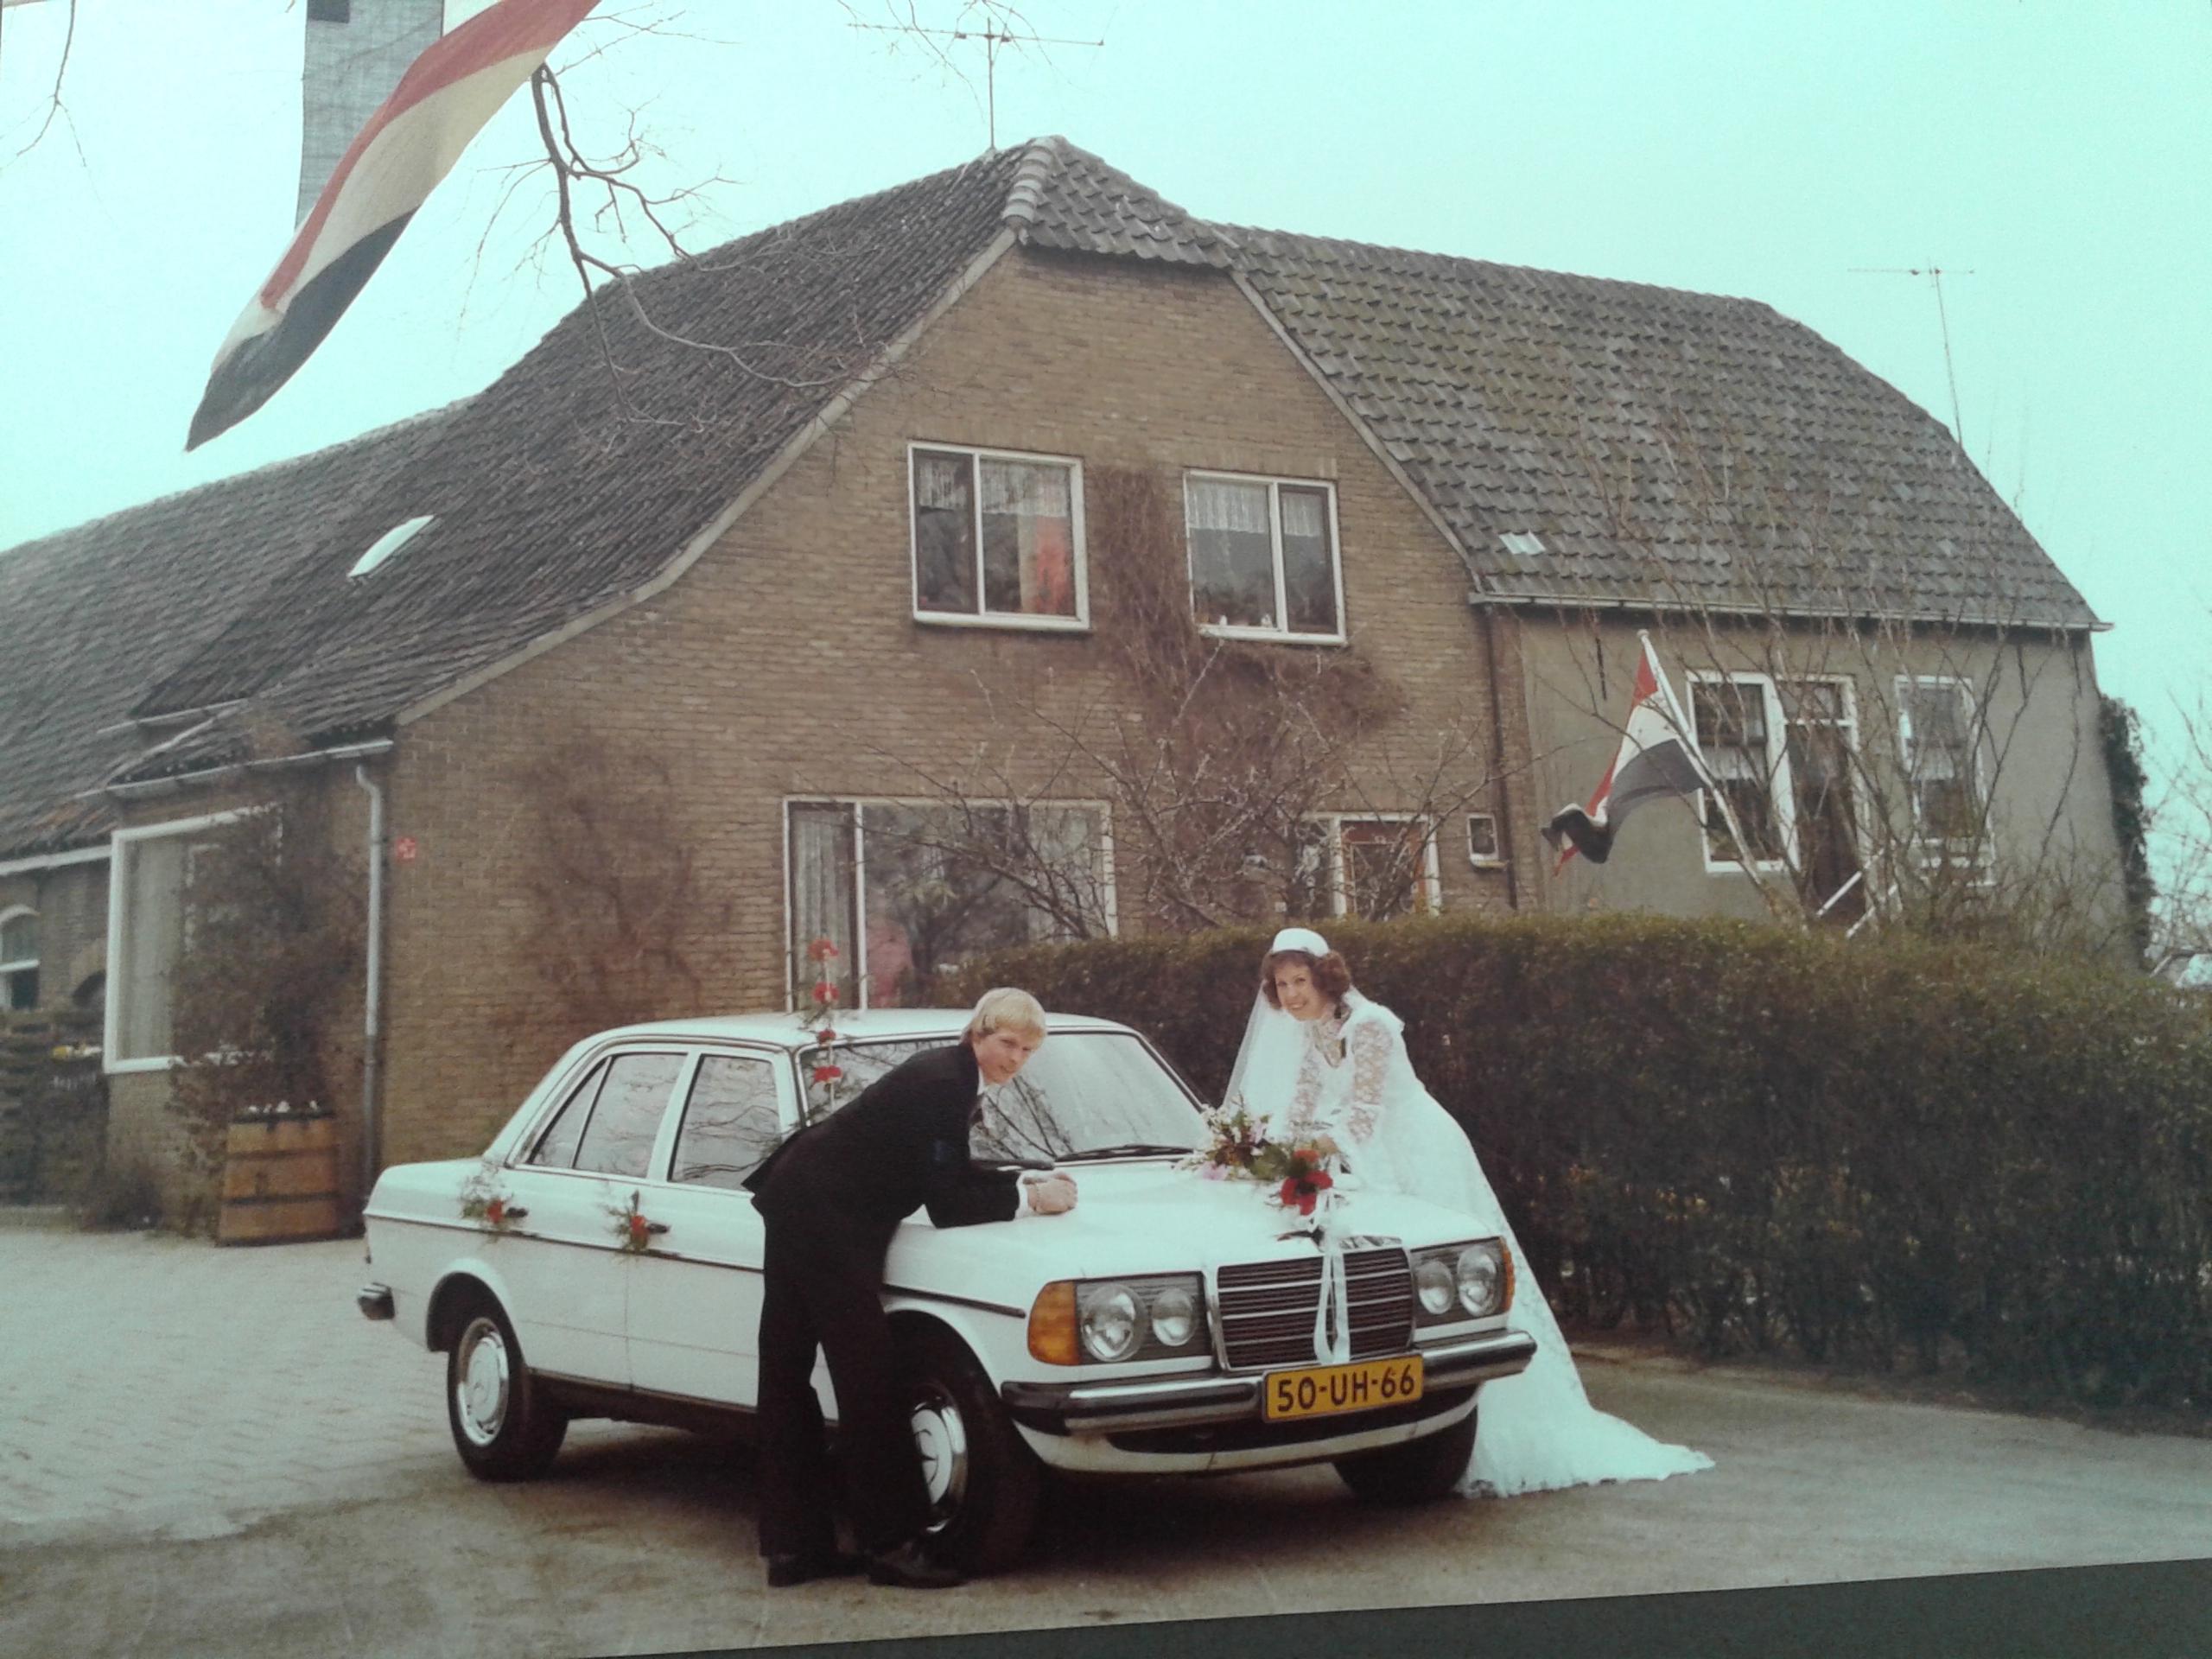 Huwelijk Adriana Keijzer & Adriaan Herbert 1980. Voor de boerderij aan de Burgerdijkseweg